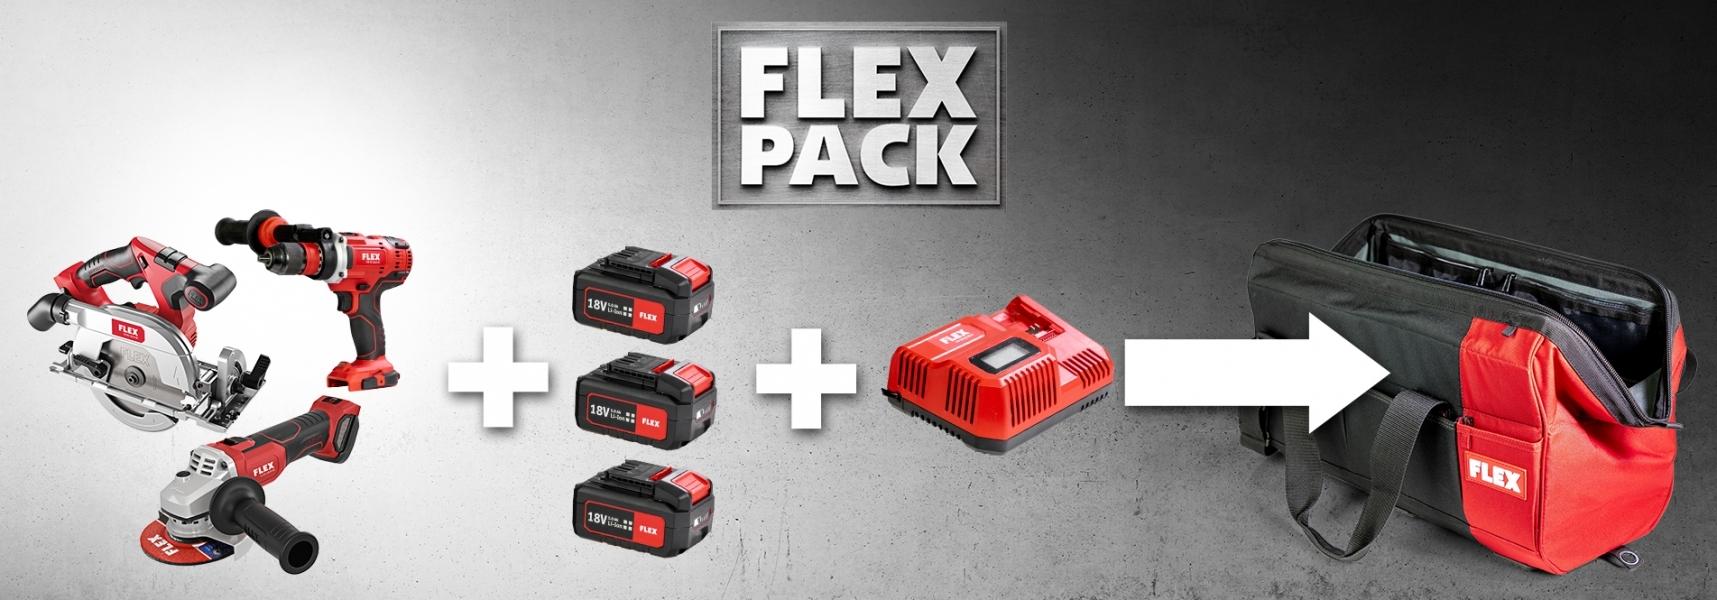 Photo 1 Faites votre choix : sélectionnez 3 outils de notre impressionnante gamme de machines sans fil FLEX et profitez d'économies fantastiques ! FLEX PACK = 3 outils + 1 set batteries/chargeur + 1 sac - FLEX FEMA SAS